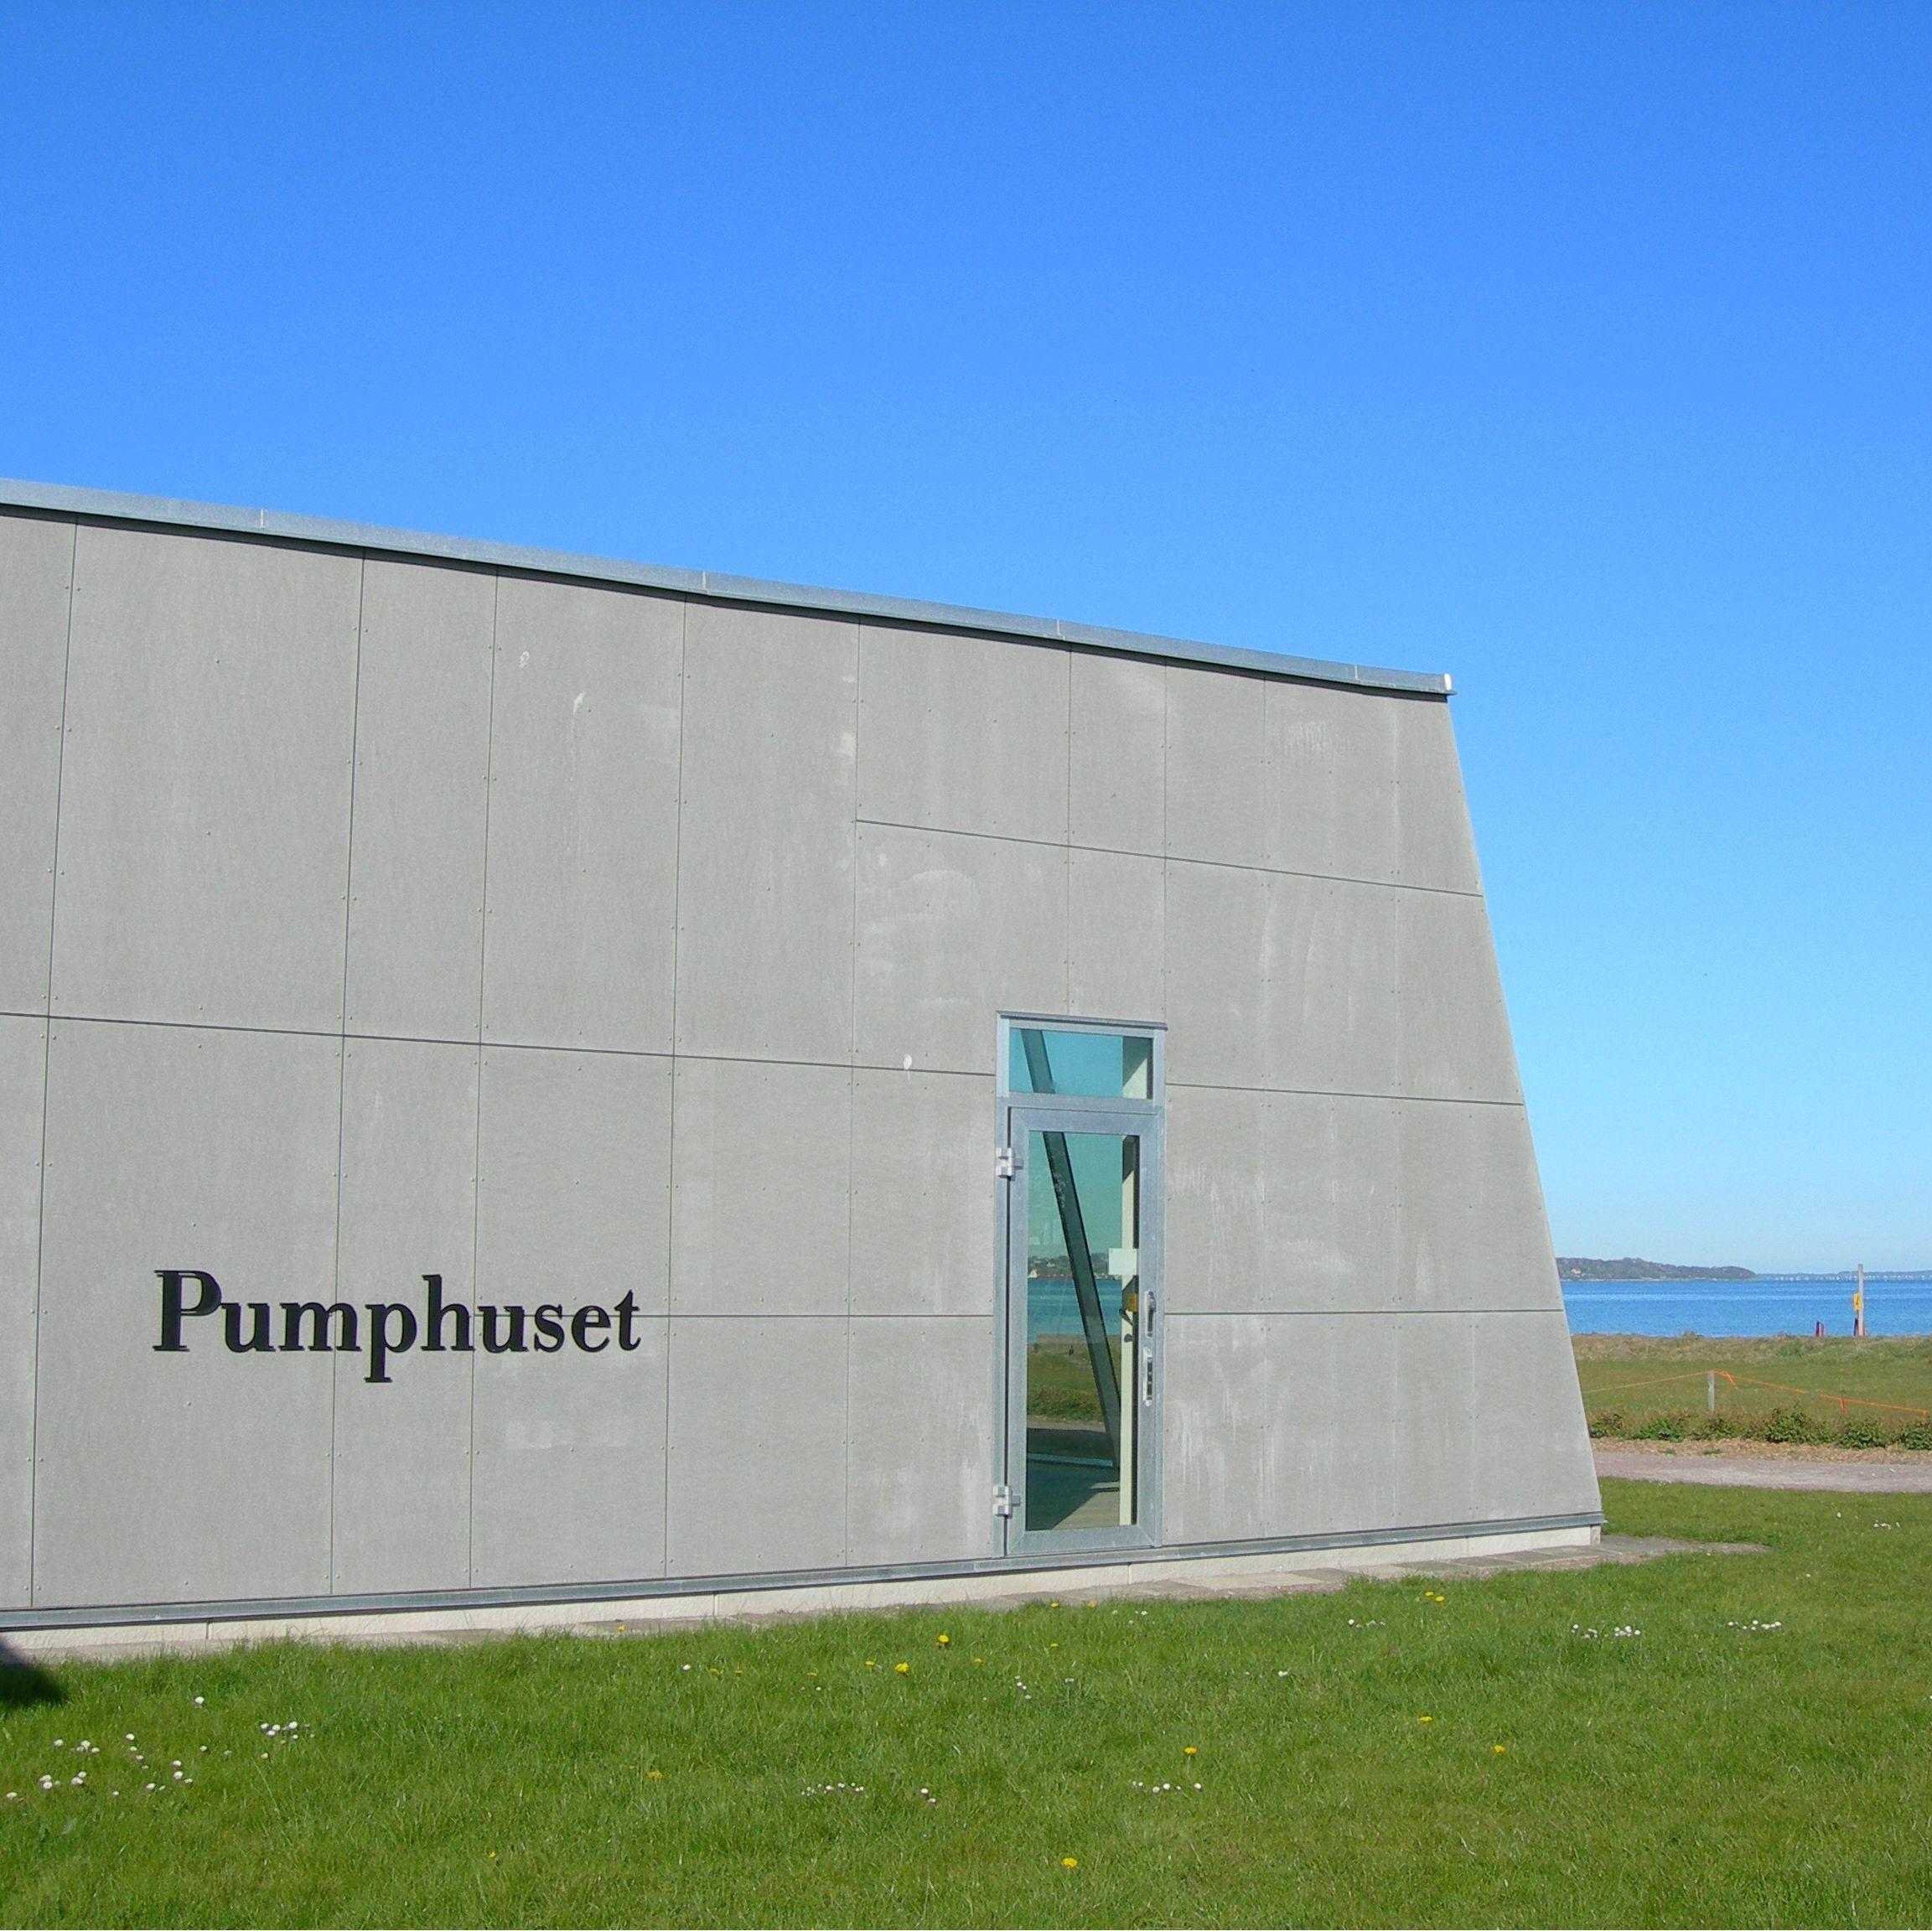 Foto: Turistbyrån Landskrona - Ven, Pumphuset